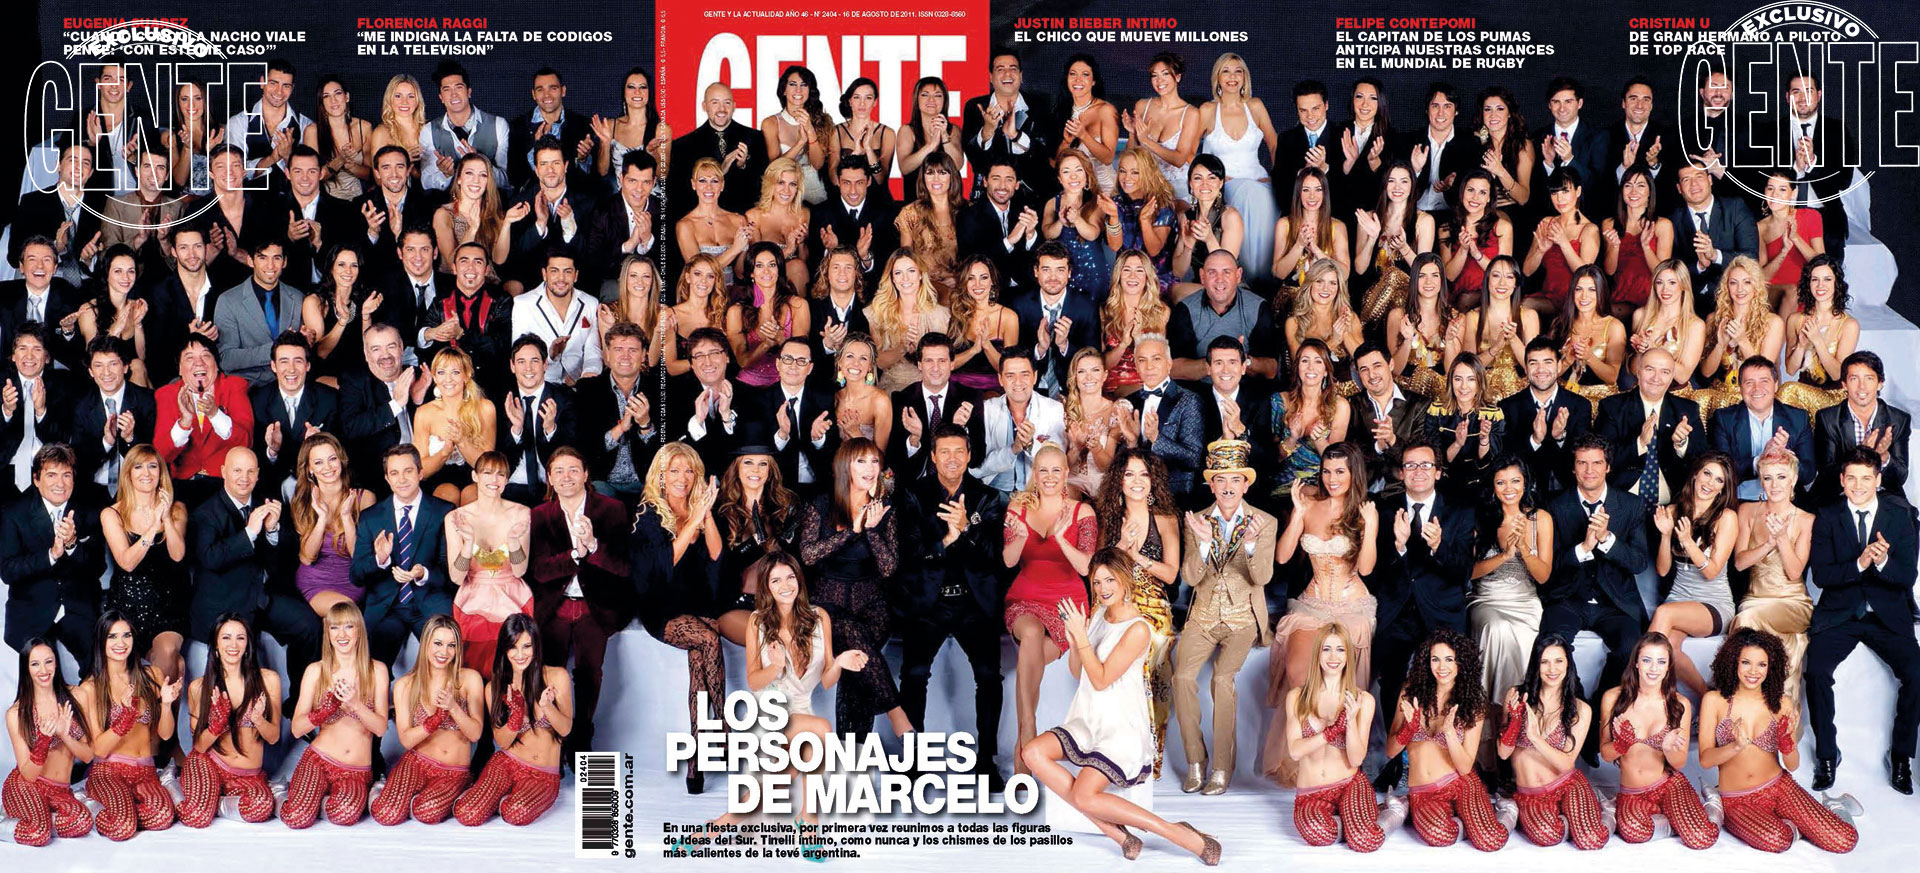 La tapa de GENTE en 2011: la primera foto grupal de su elenco con nuestra revista, que desde entonces se convirtió en un clásico.